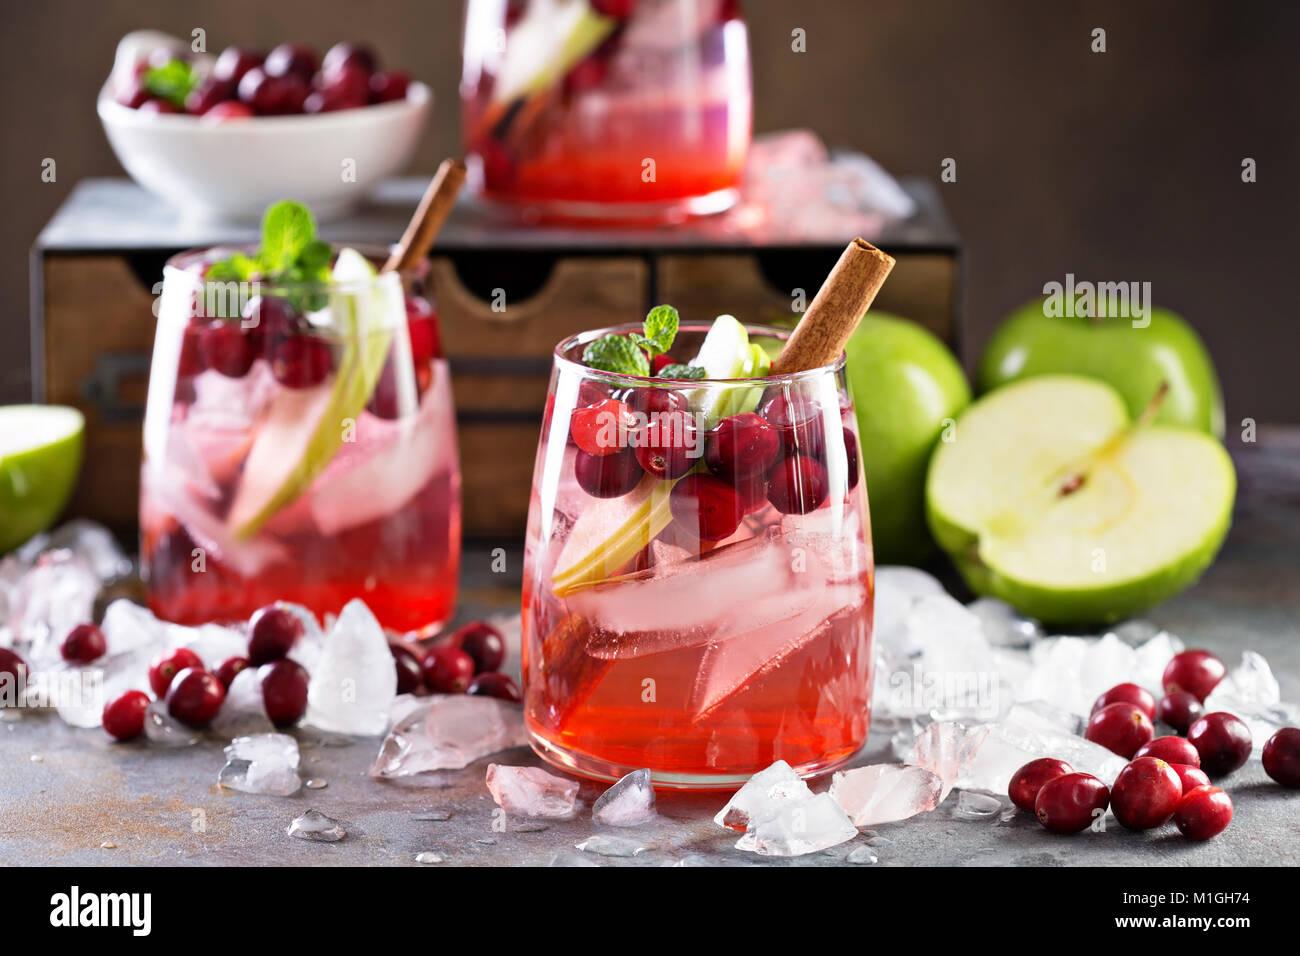 Frío invierno cóctel con arándanos frescos y manzana verde Foto de stock